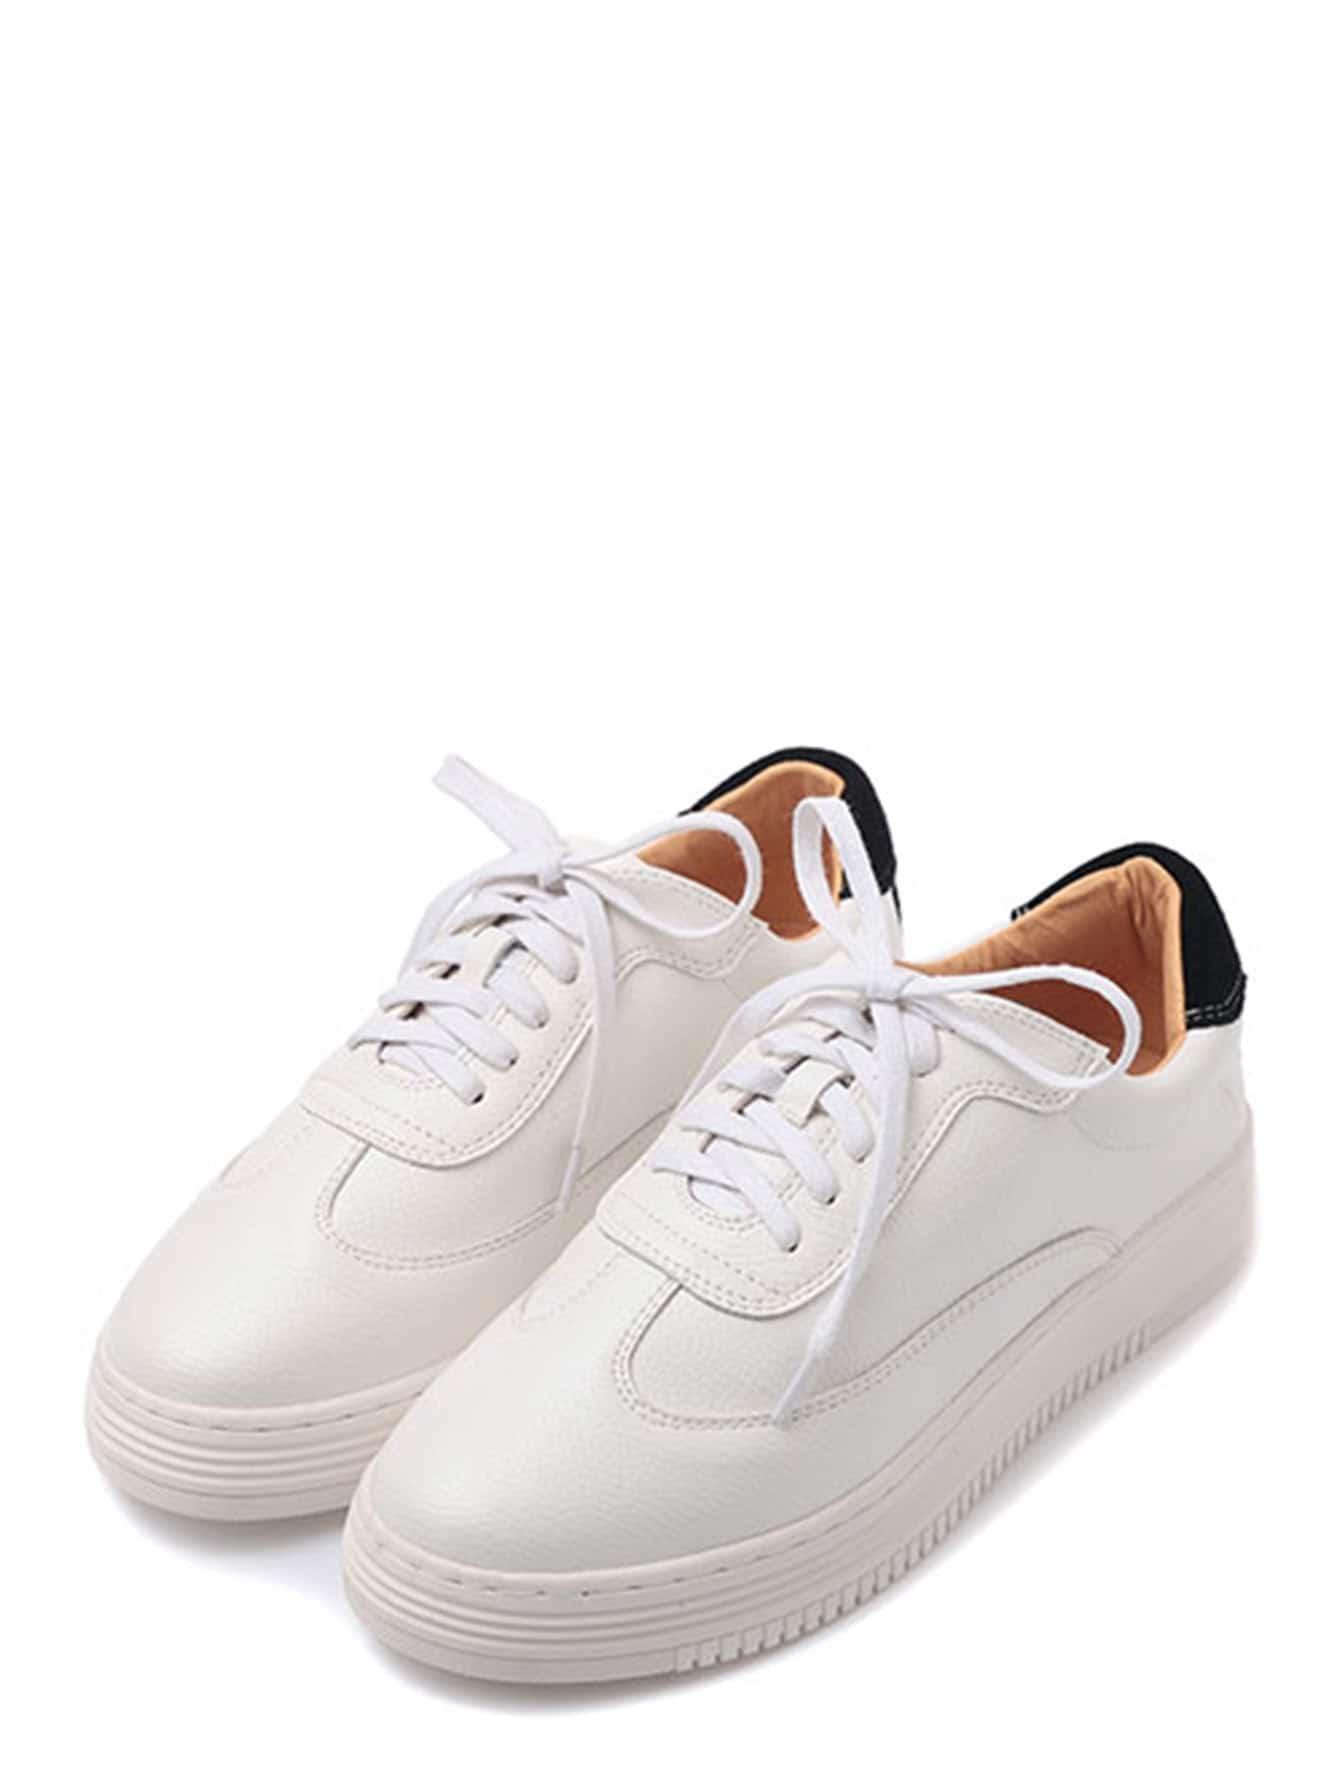 shoes161024810_2